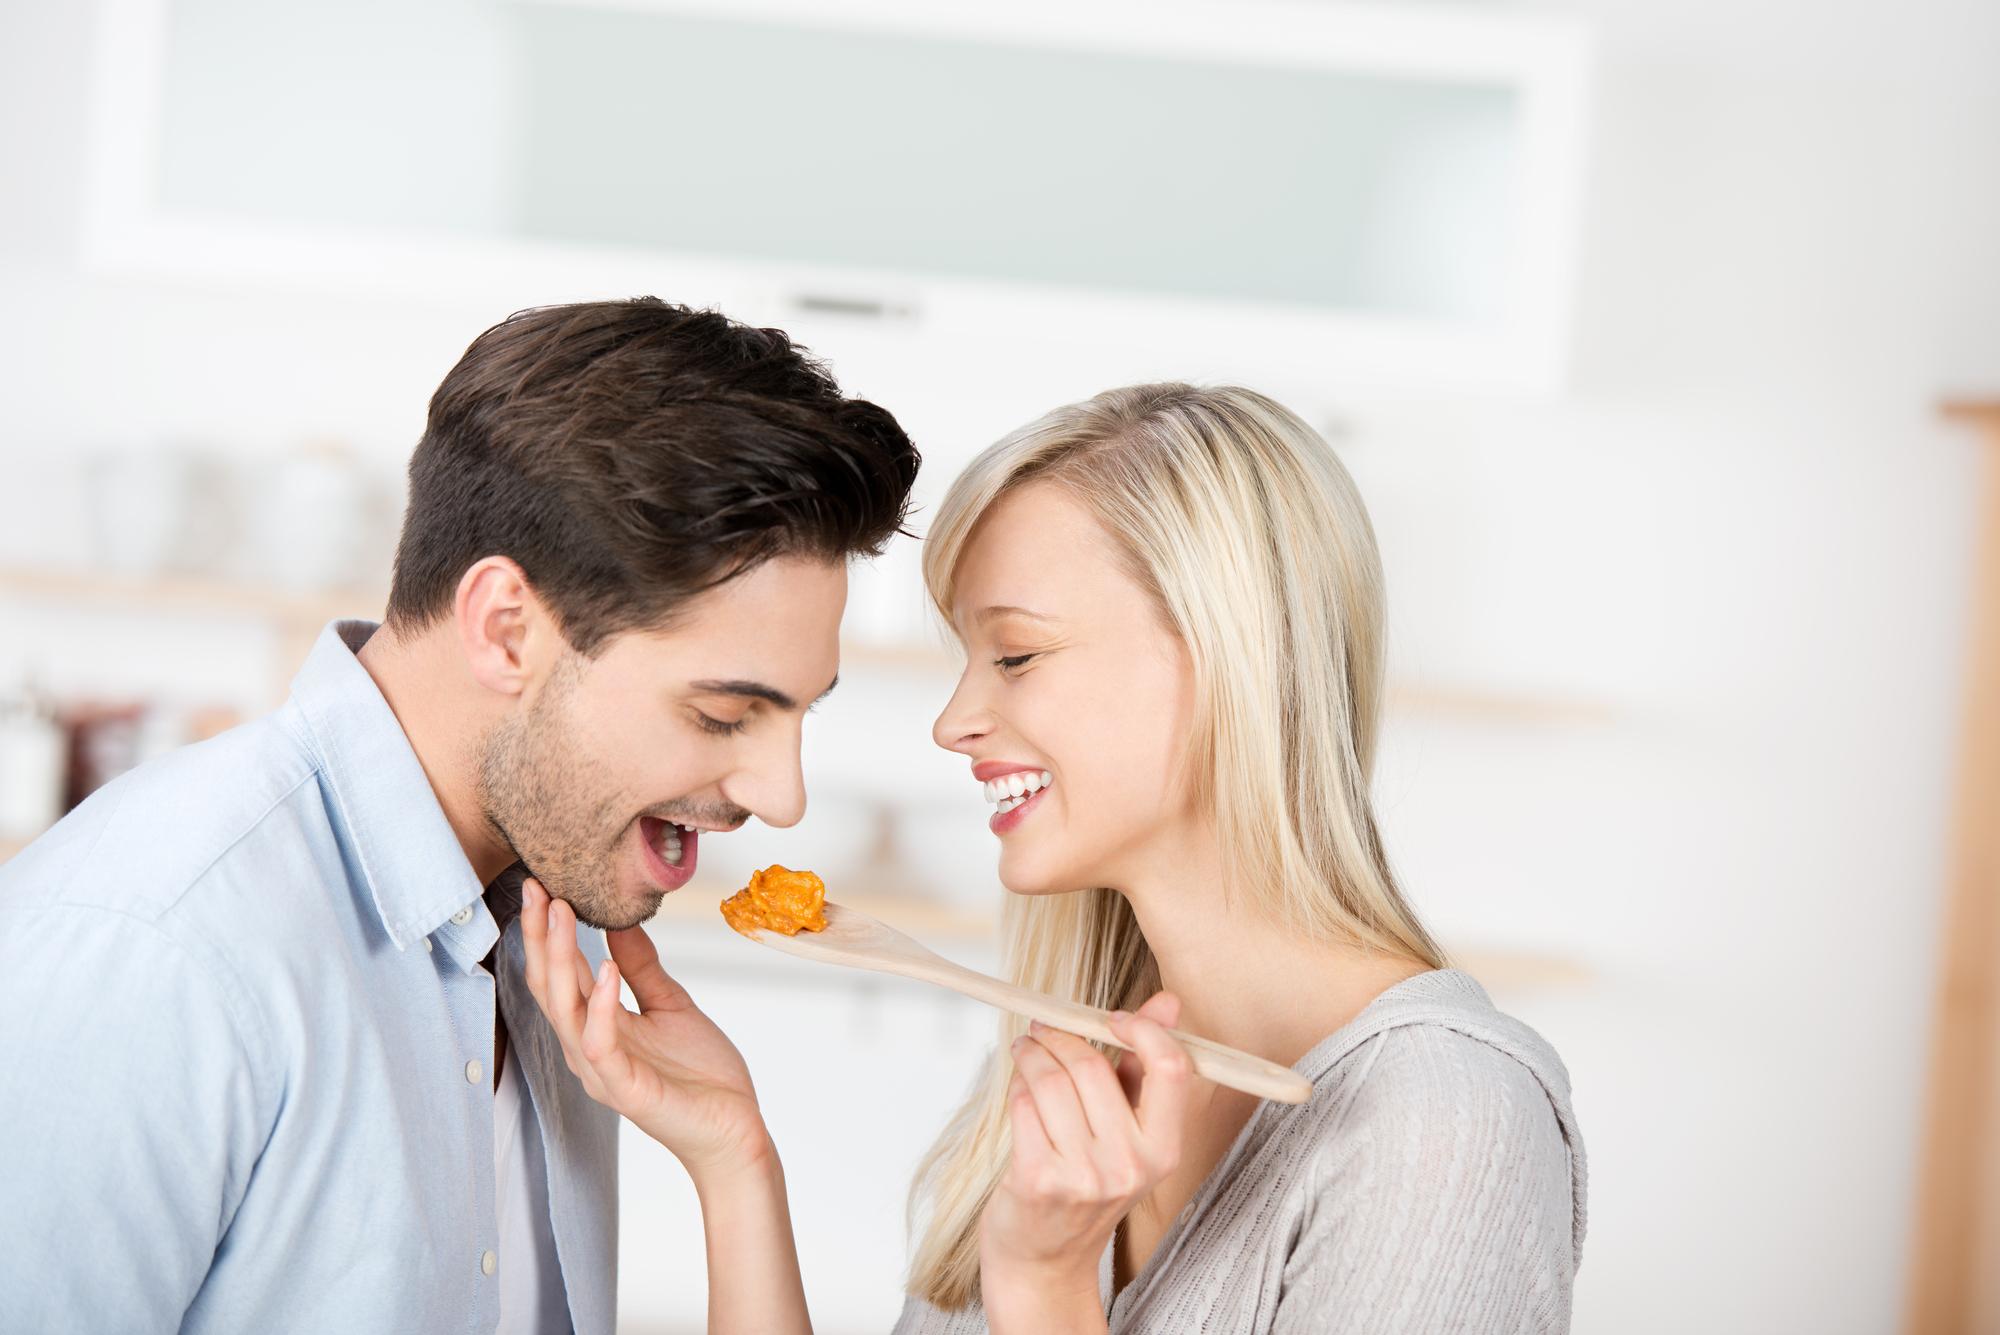 Особенности питания для мужчин: на что следует обратить внимание